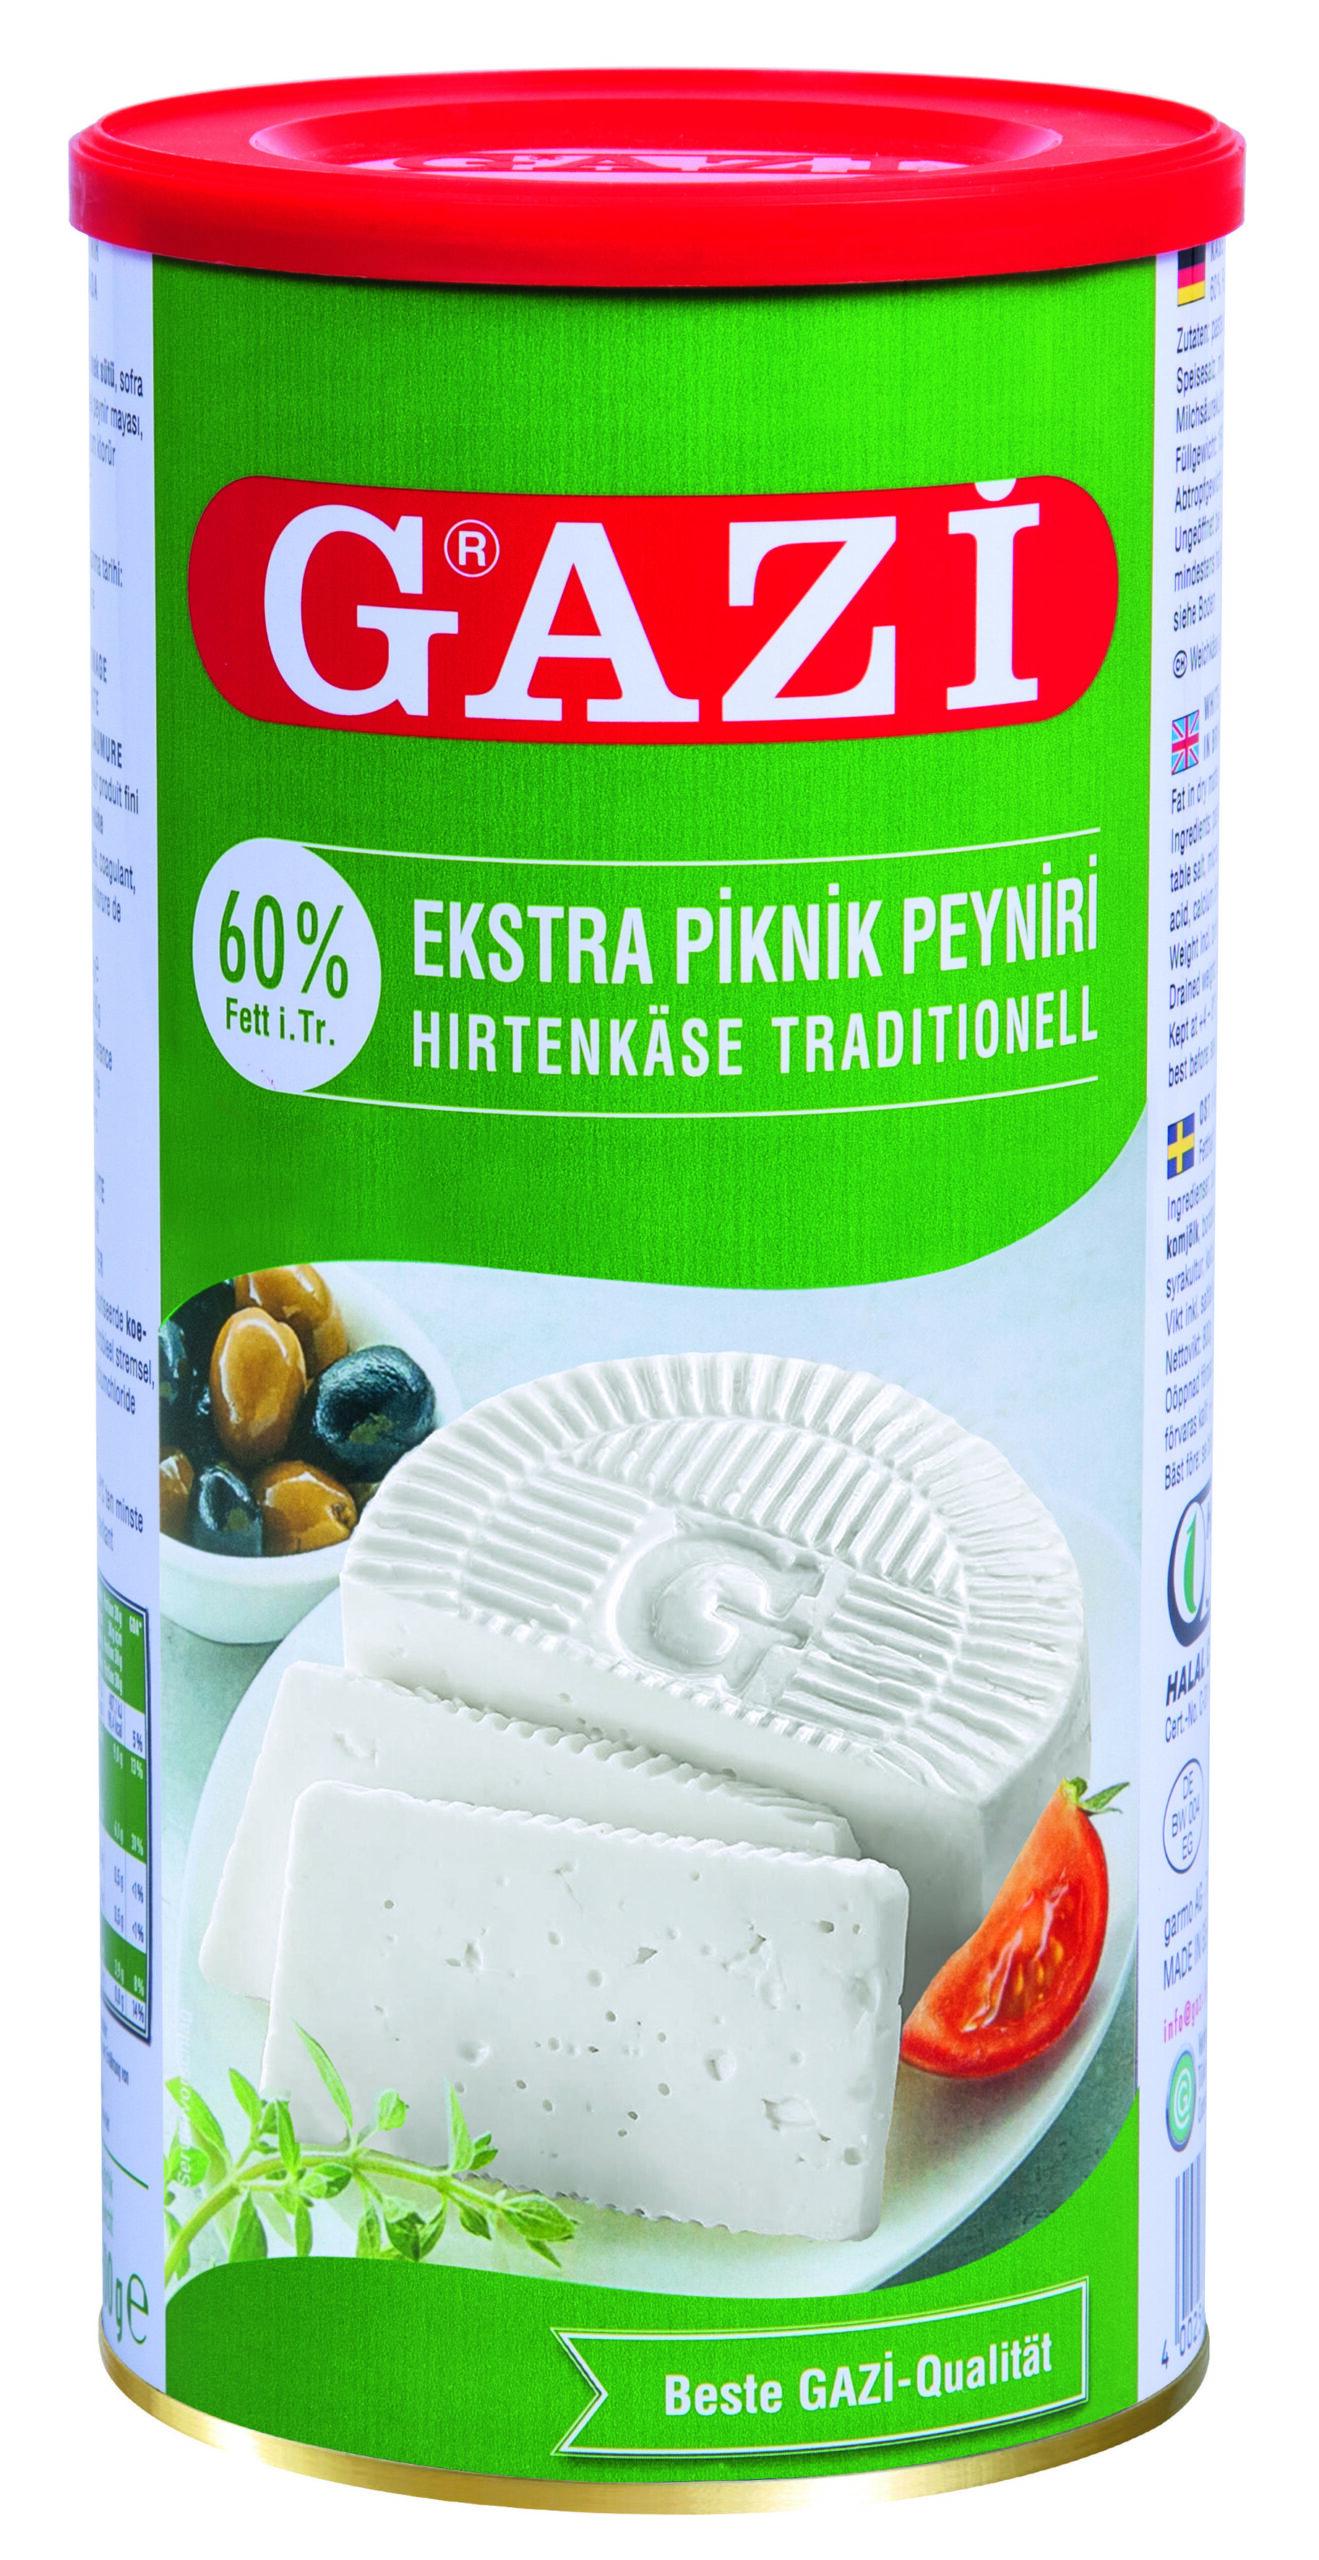 Gazi 60% Hirtenkäse 1kg